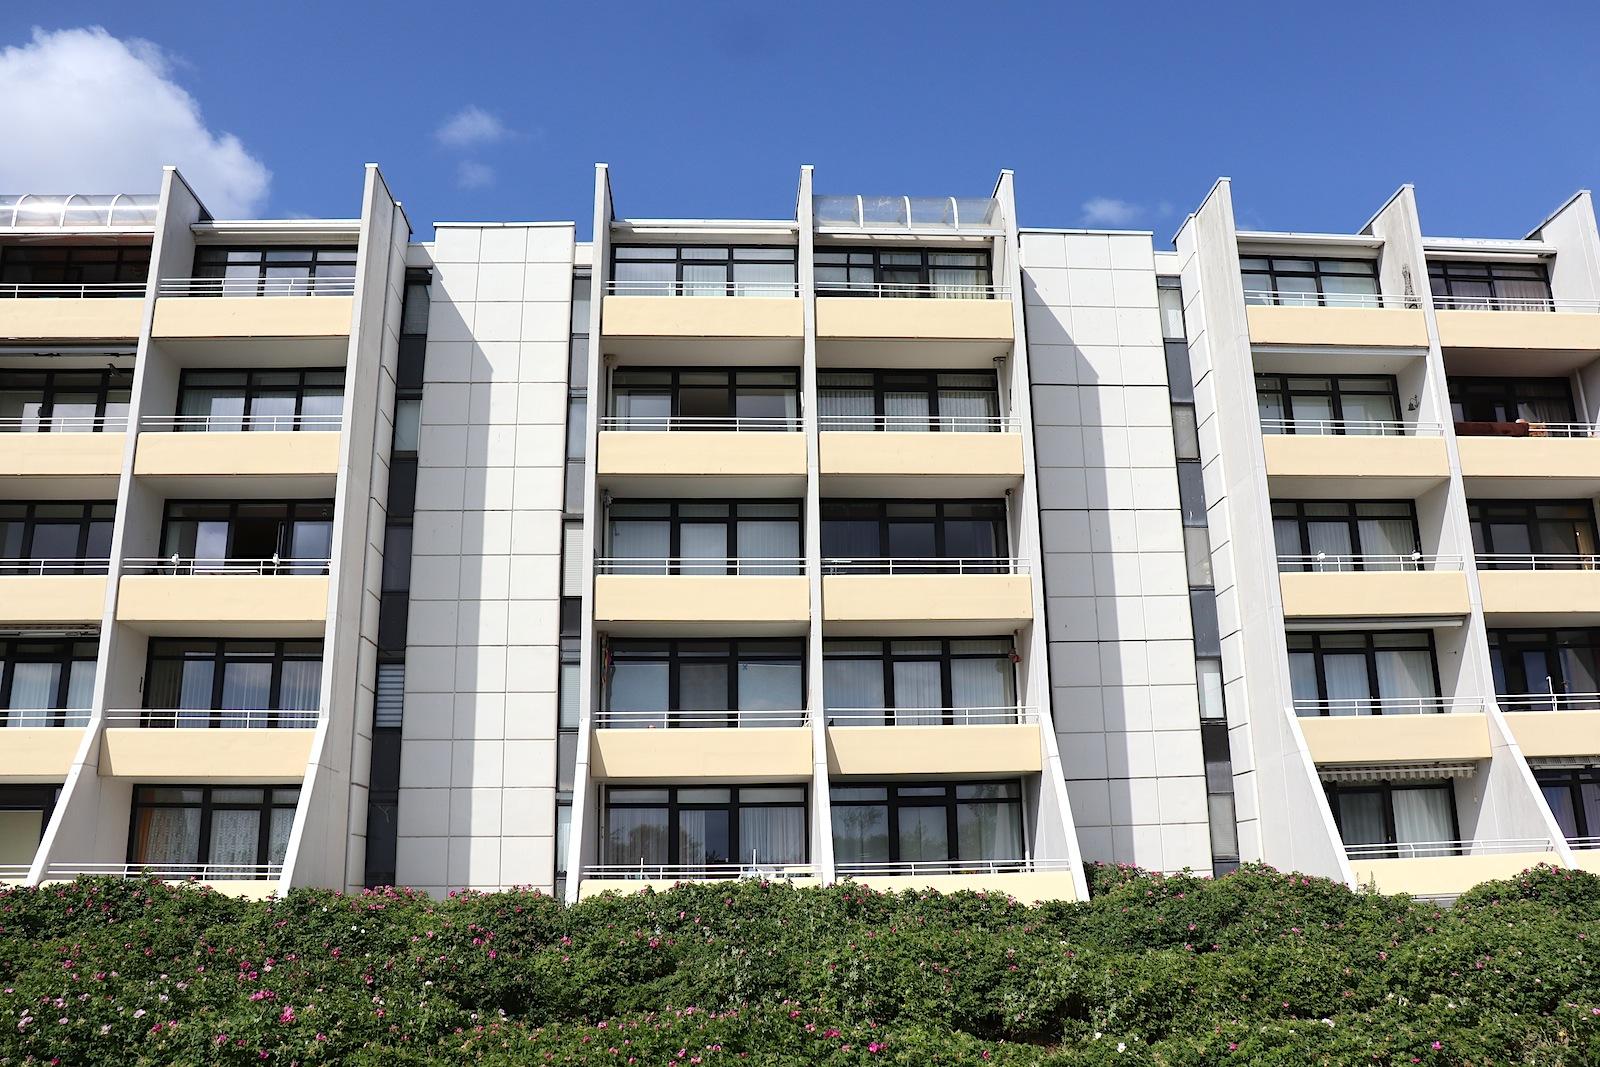 Apartmentsiedlung. Ein Großteil der Apartments und Bungalows gehört nach wie vor den Erstbesitzerinnen und -besitzern.